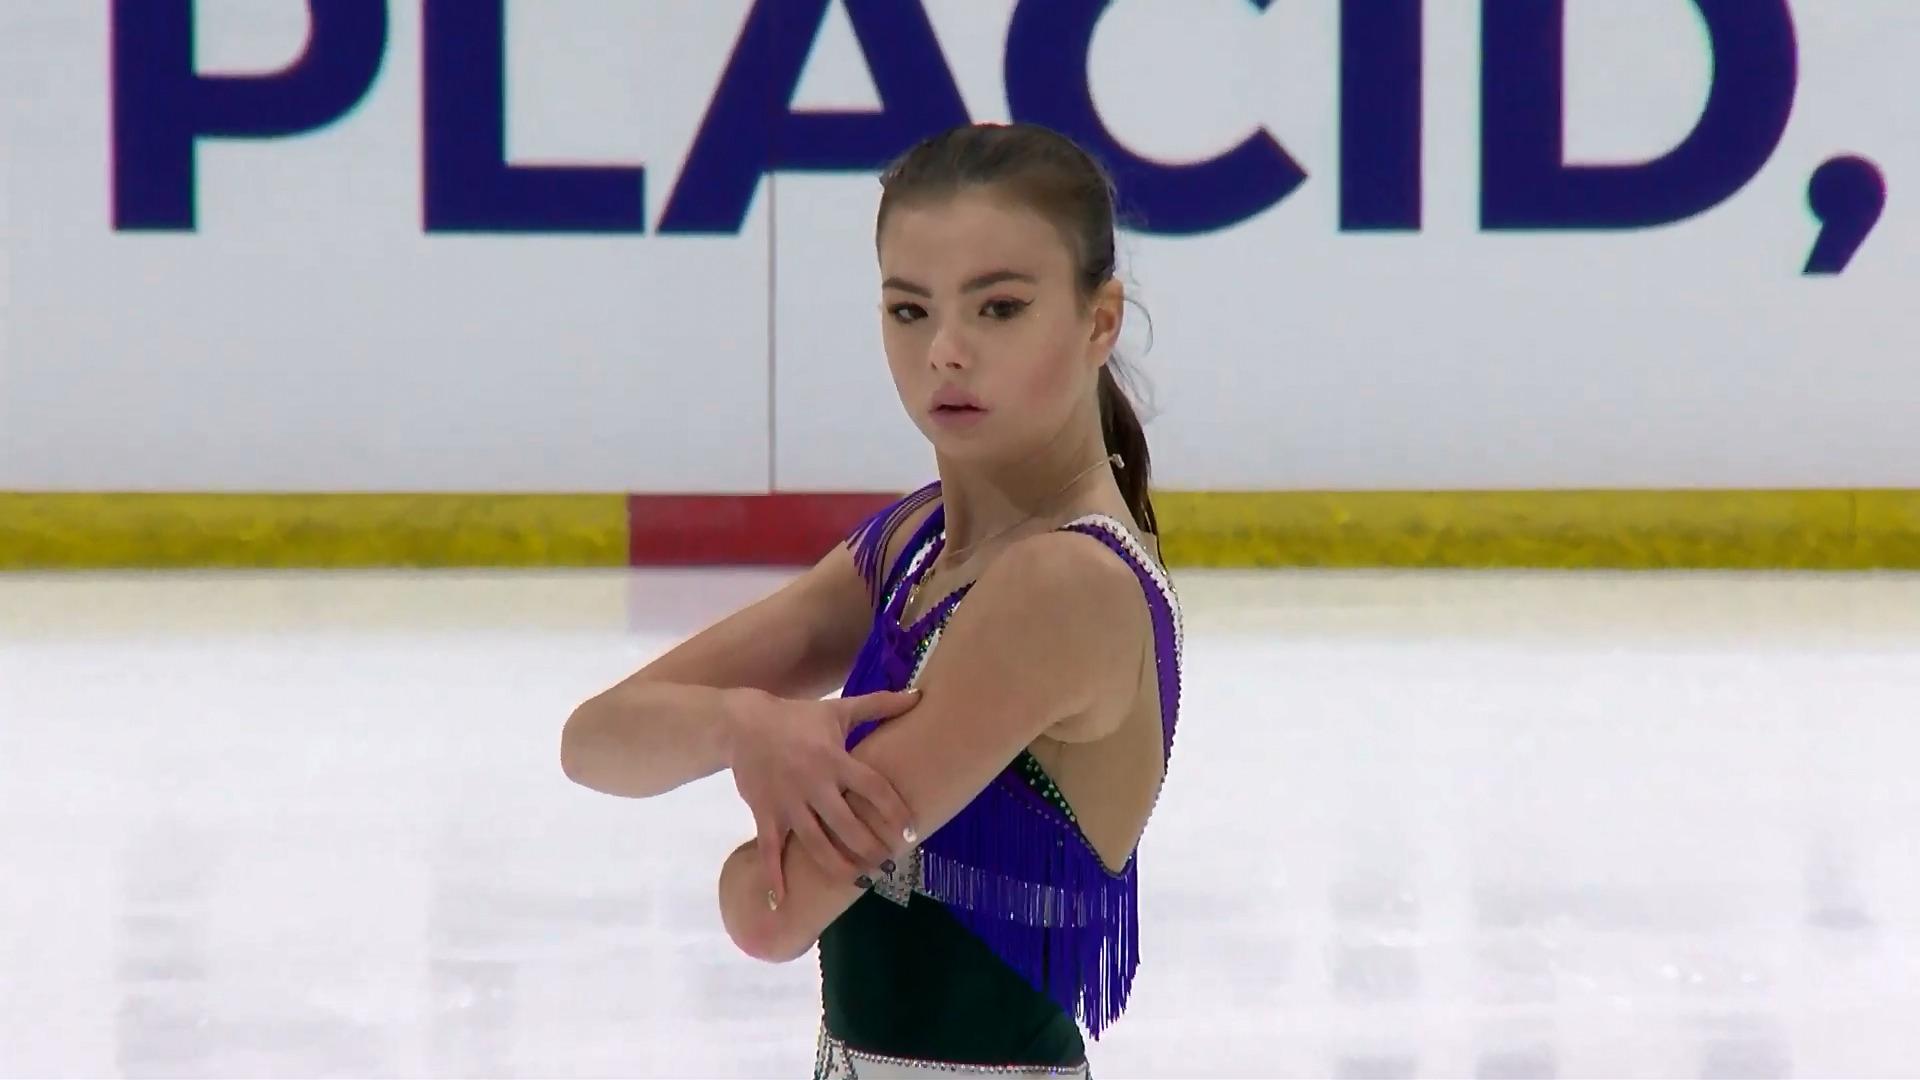 2019 ISU JGP Lake Placid - Ladies Free Skating.mp4_snapshot_04.30.00.724.jpg